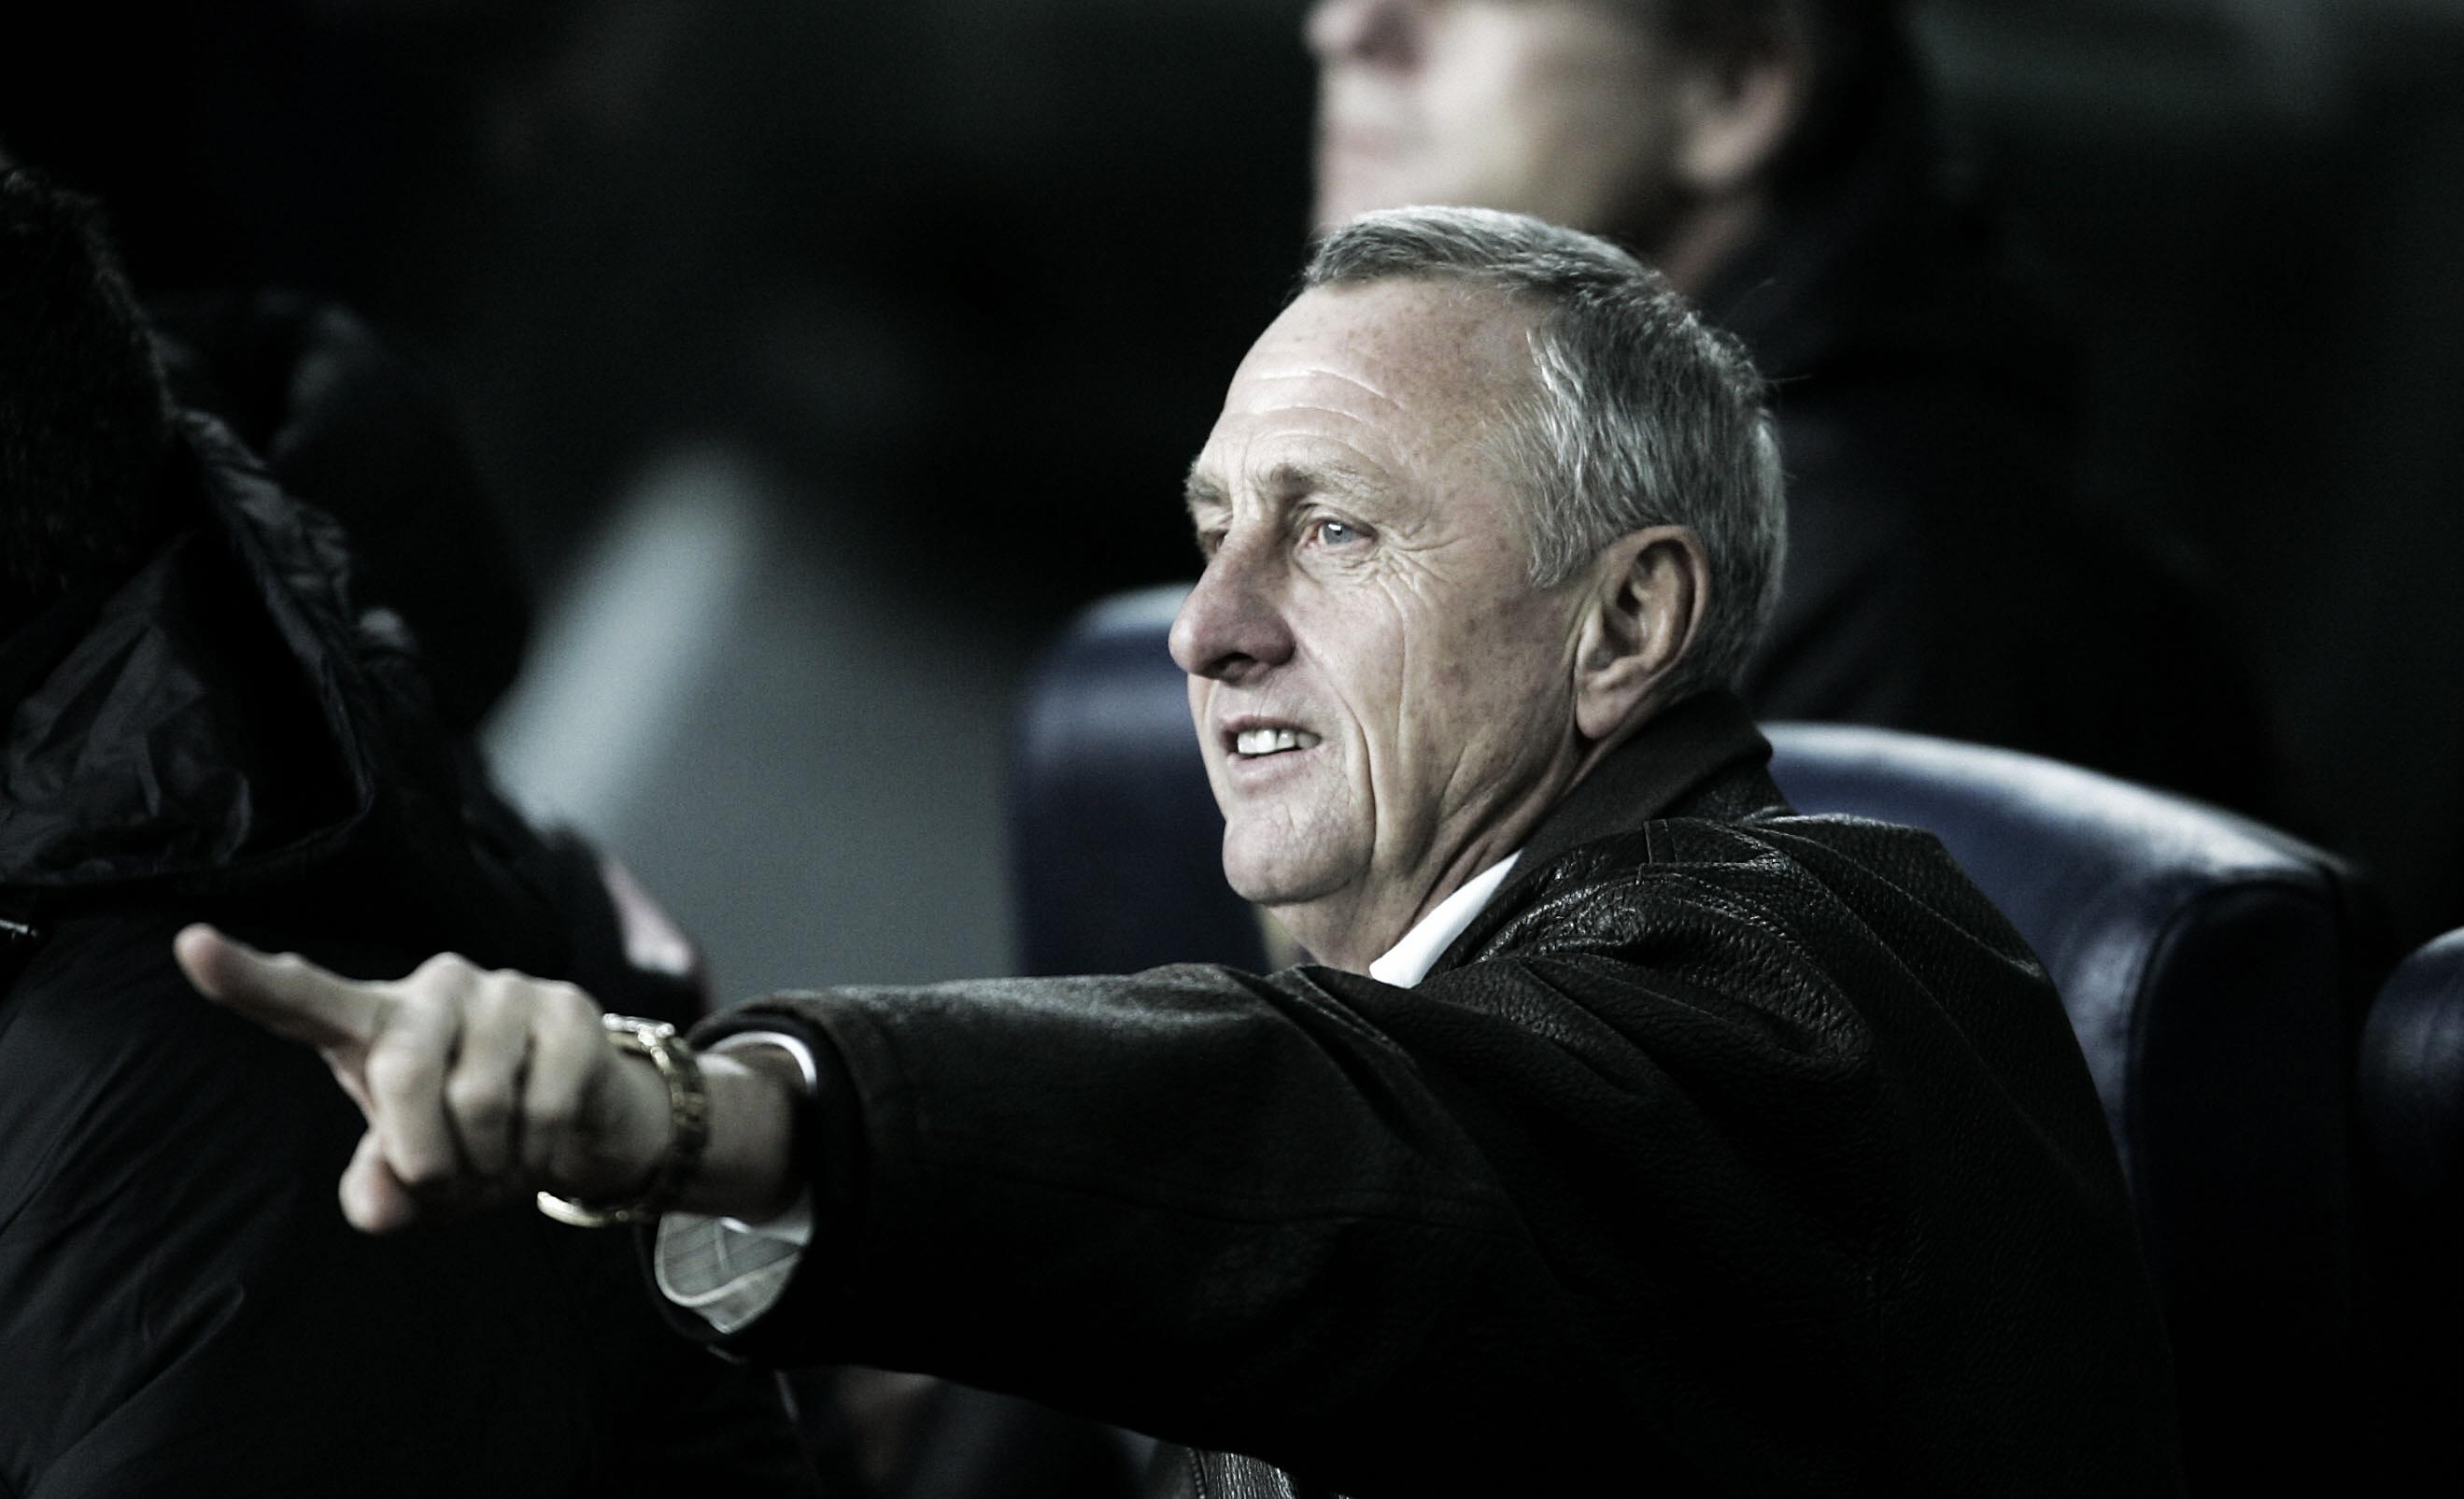 """Johan Cruyff: """"Entiendo a Guardiola, si uno no se ve con fuerza, lo mejor es dejarlo"""""""